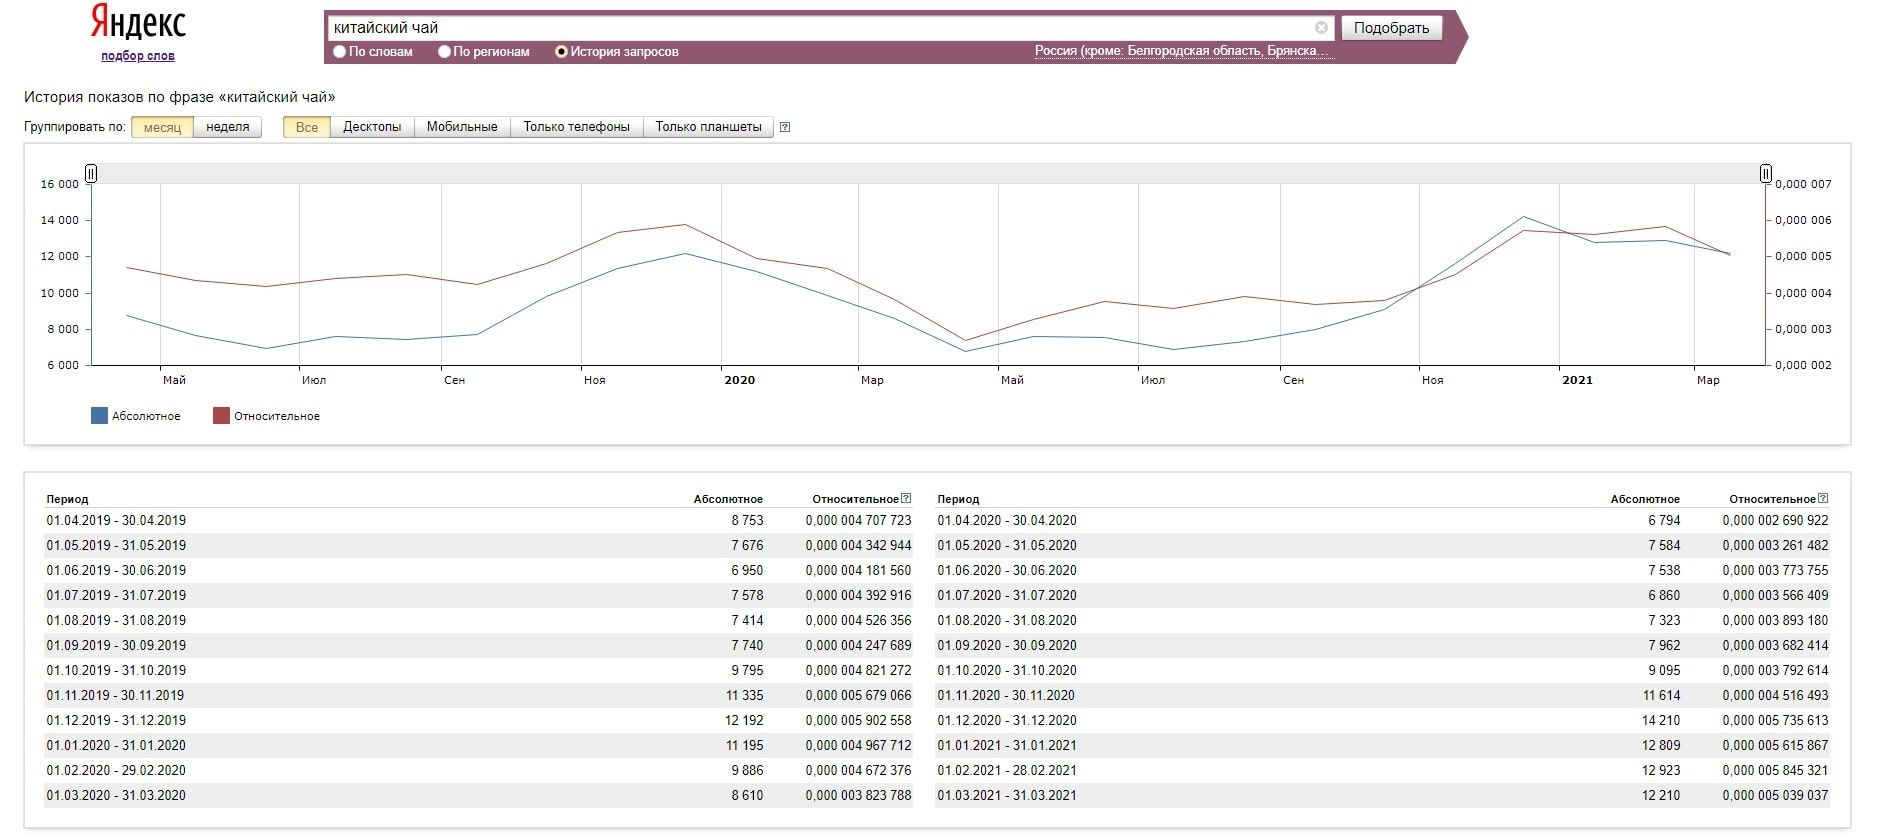 Используйте функцию «История запросов» в сервисе Wordstat, это поможет увидеть влияние сезонности на спрос